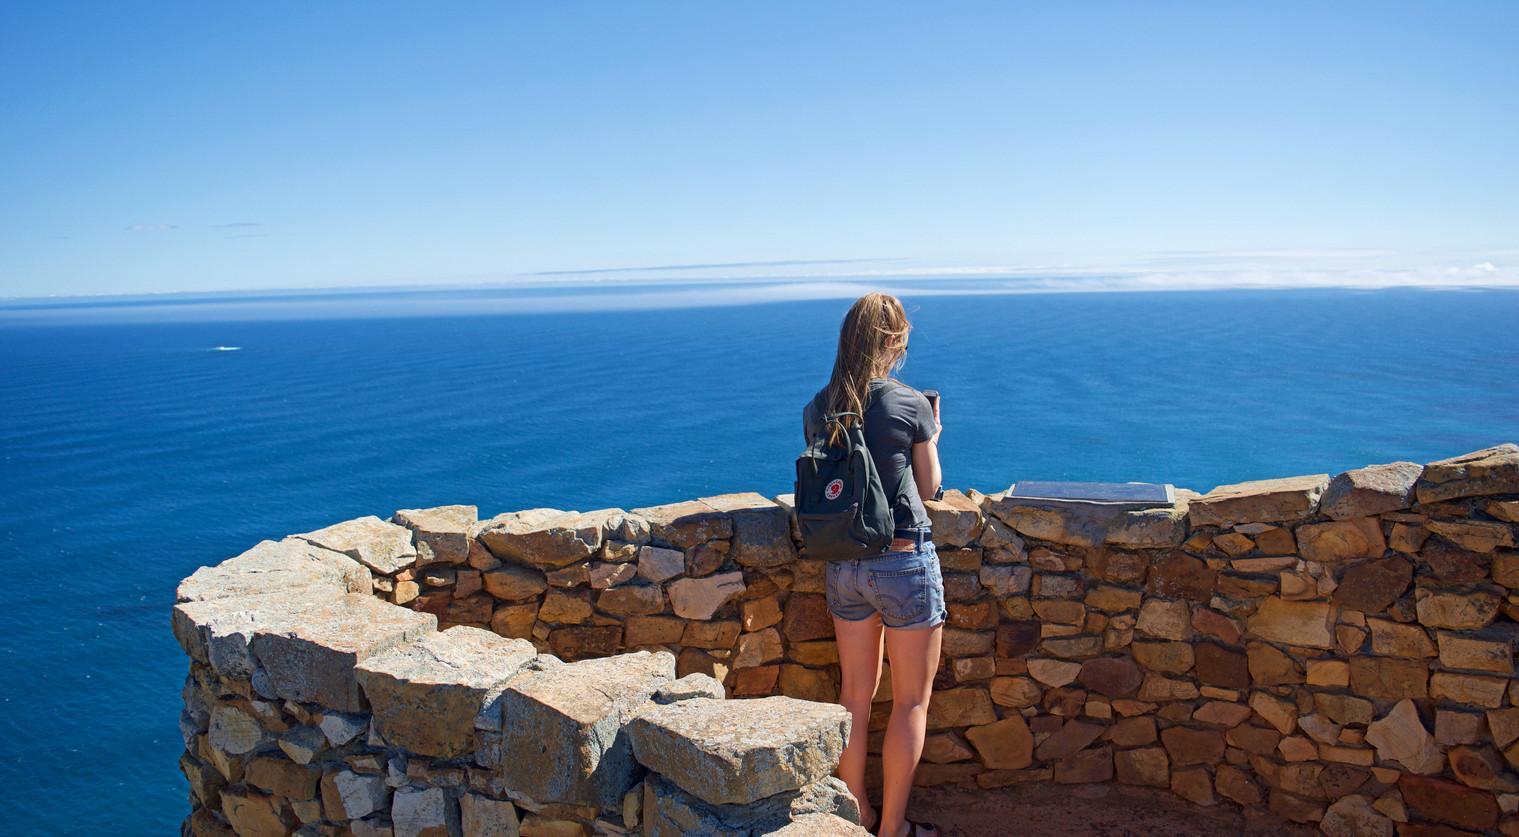 Cape peninsular